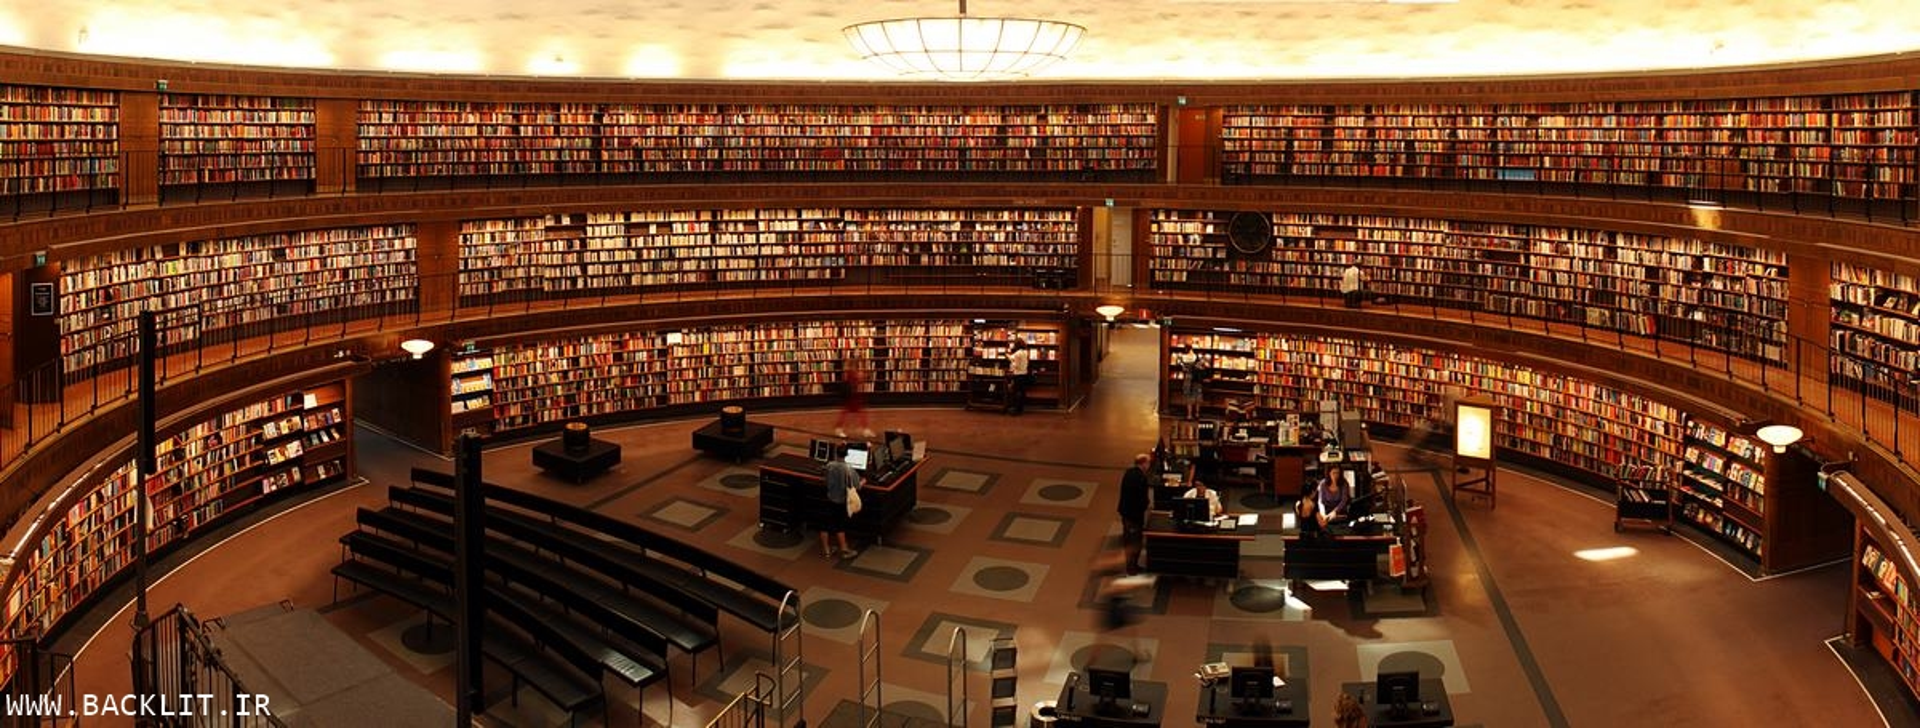 خرید تابلو کتابخانه